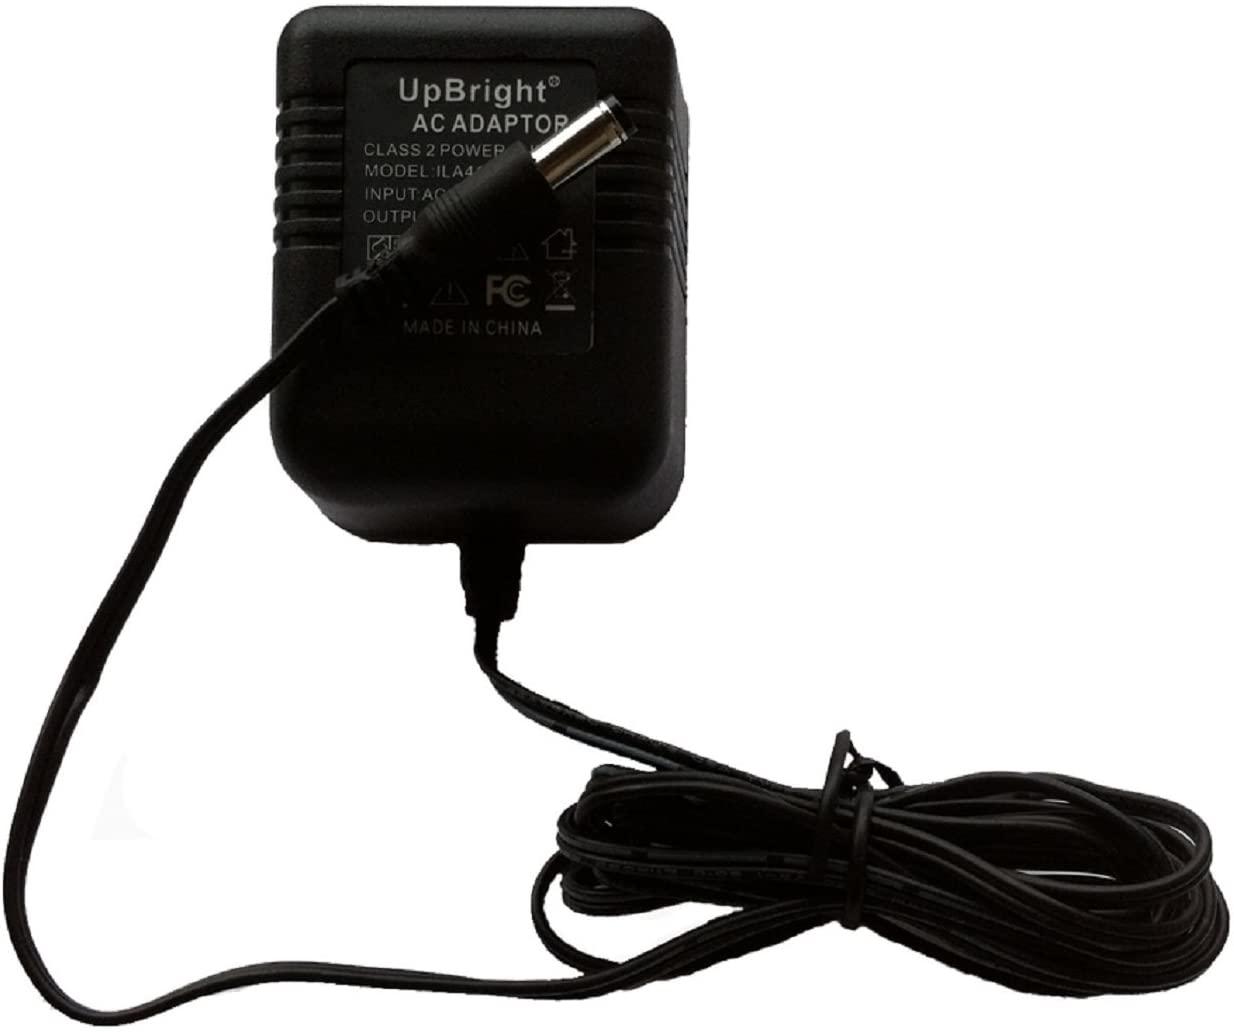 UpBright New 12V AC/AC Adapter for Munchkin Warm Glow Wipe Warmer one Size 10049 0231 FL-41120830A FL41120830A YU120100A2 YU120085A2 12VAC 830mA 1000mA AC12V 0.83A 1A 1.0A Class 2 Transformer Power